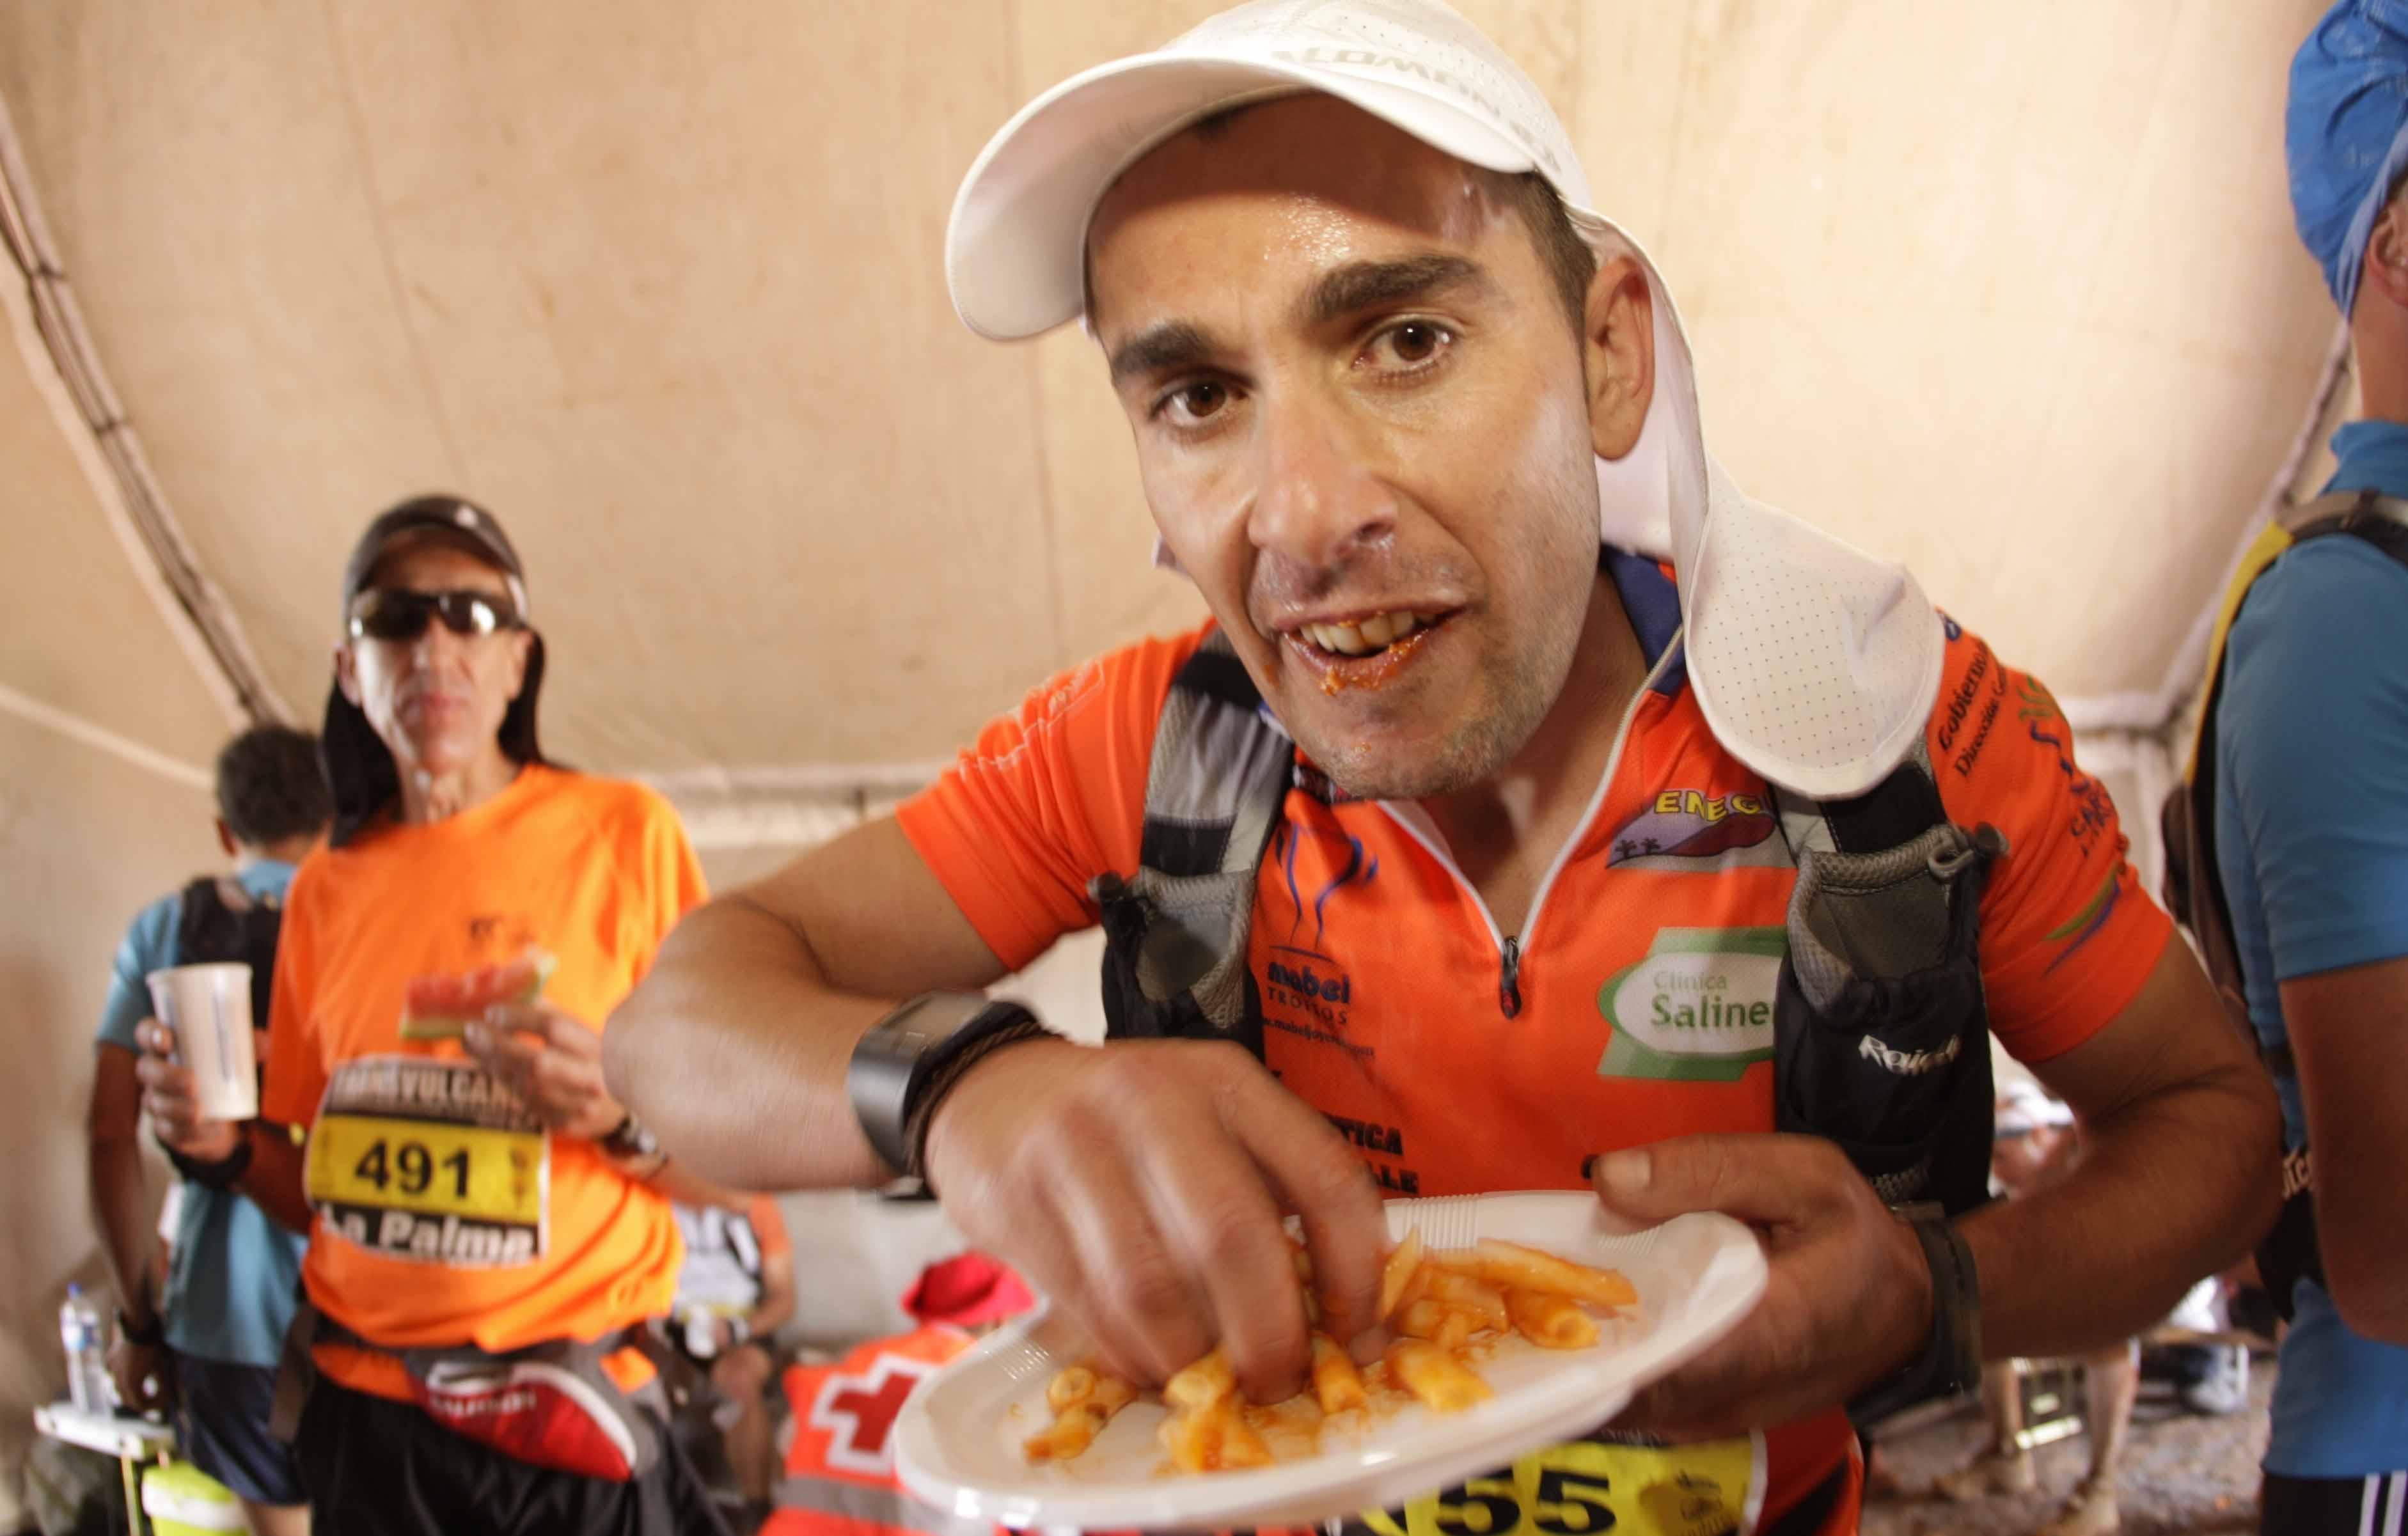 Avituallamiento en la Ultramaratón de montaña Transvulcania 2012 en la isla de La Palma